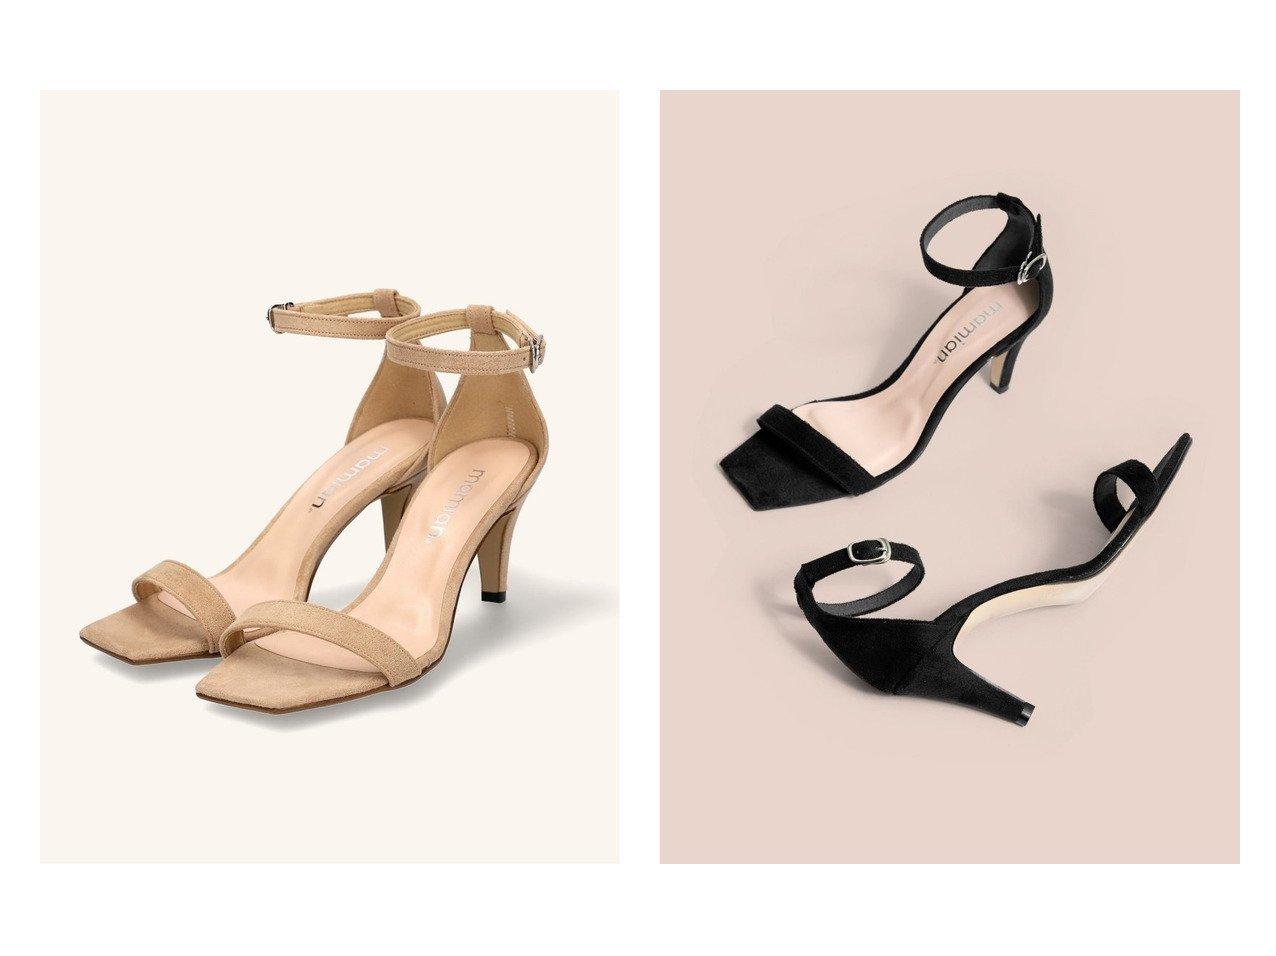 【MAMIAN/マミアン】のスクエアトゥシンプルストラップサンダル 【シューズ・靴】おすすめ!人気、トレンド・レディースファッションの通販 おすすめで人気の流行・トレンド、ファッションの通販商品 メンズファッション・キッズファッション・インテリア・家具・レディースファッション・服の通販 founy(ファニー) https://founy.com/ ファッション Fashion レディースファッション WOMEN クッション サンダル シューズ シンプル スエード フィット ミュール |ID:crp329100000035480